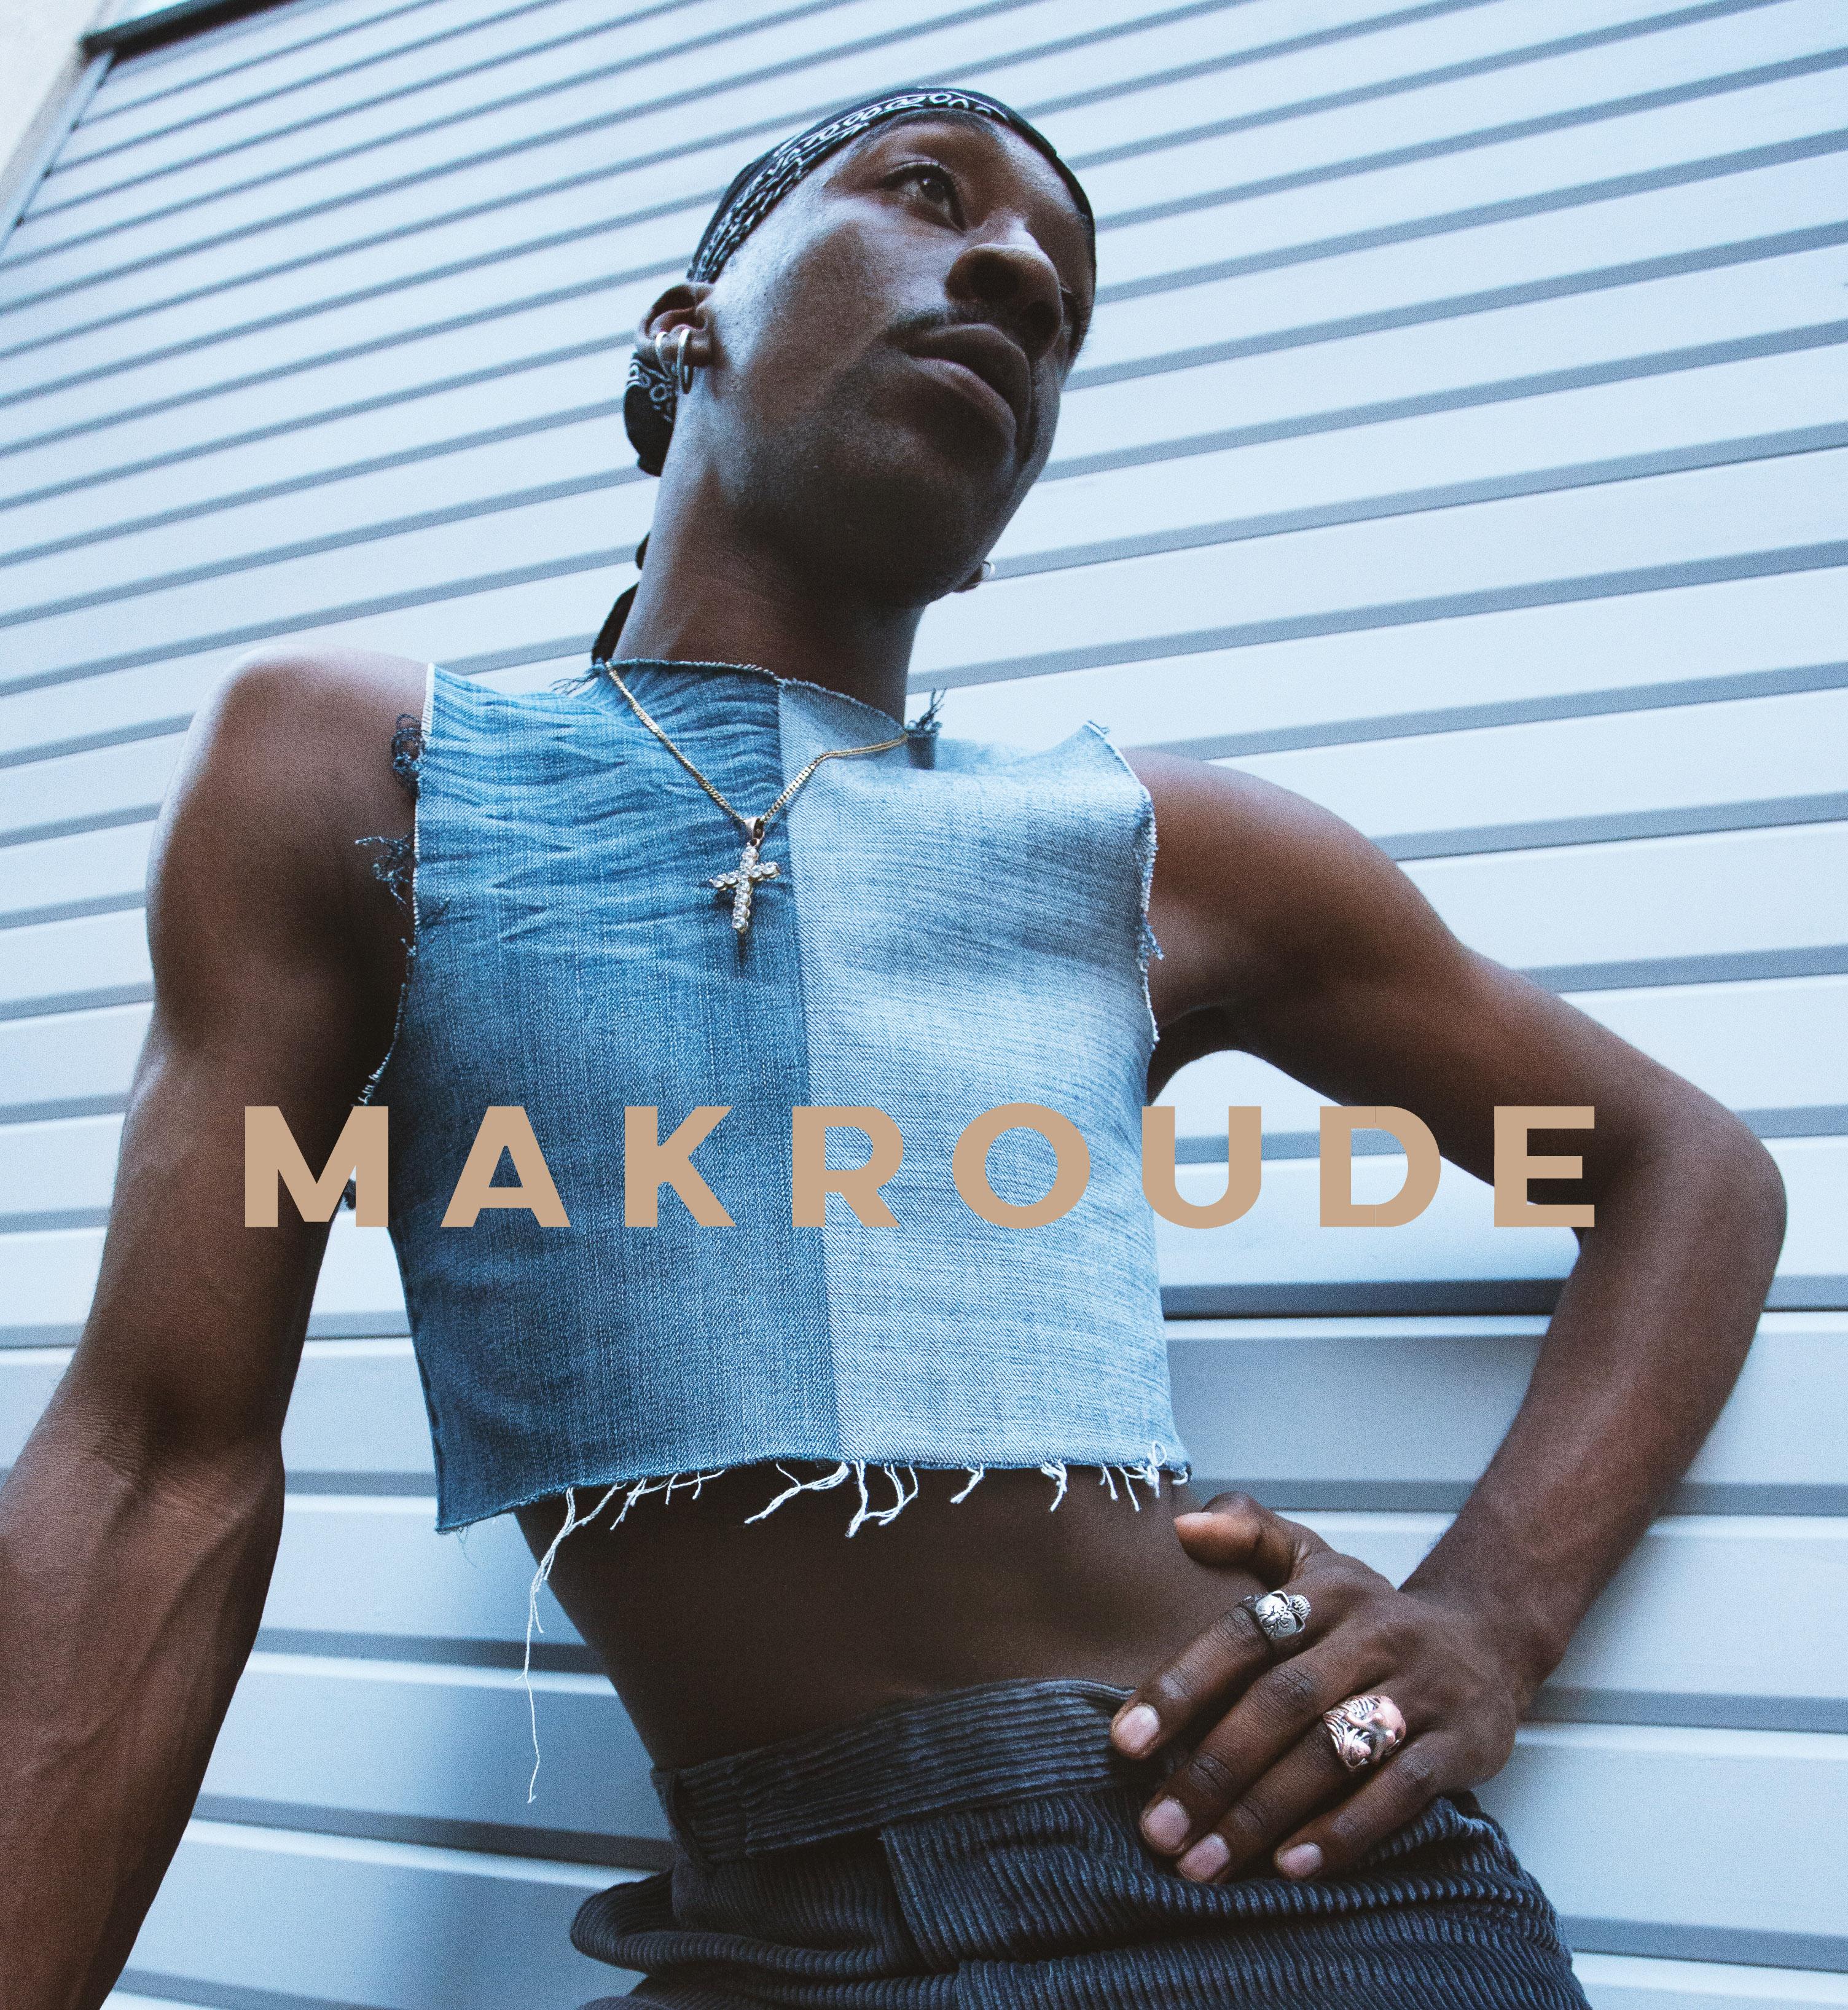 Makroude